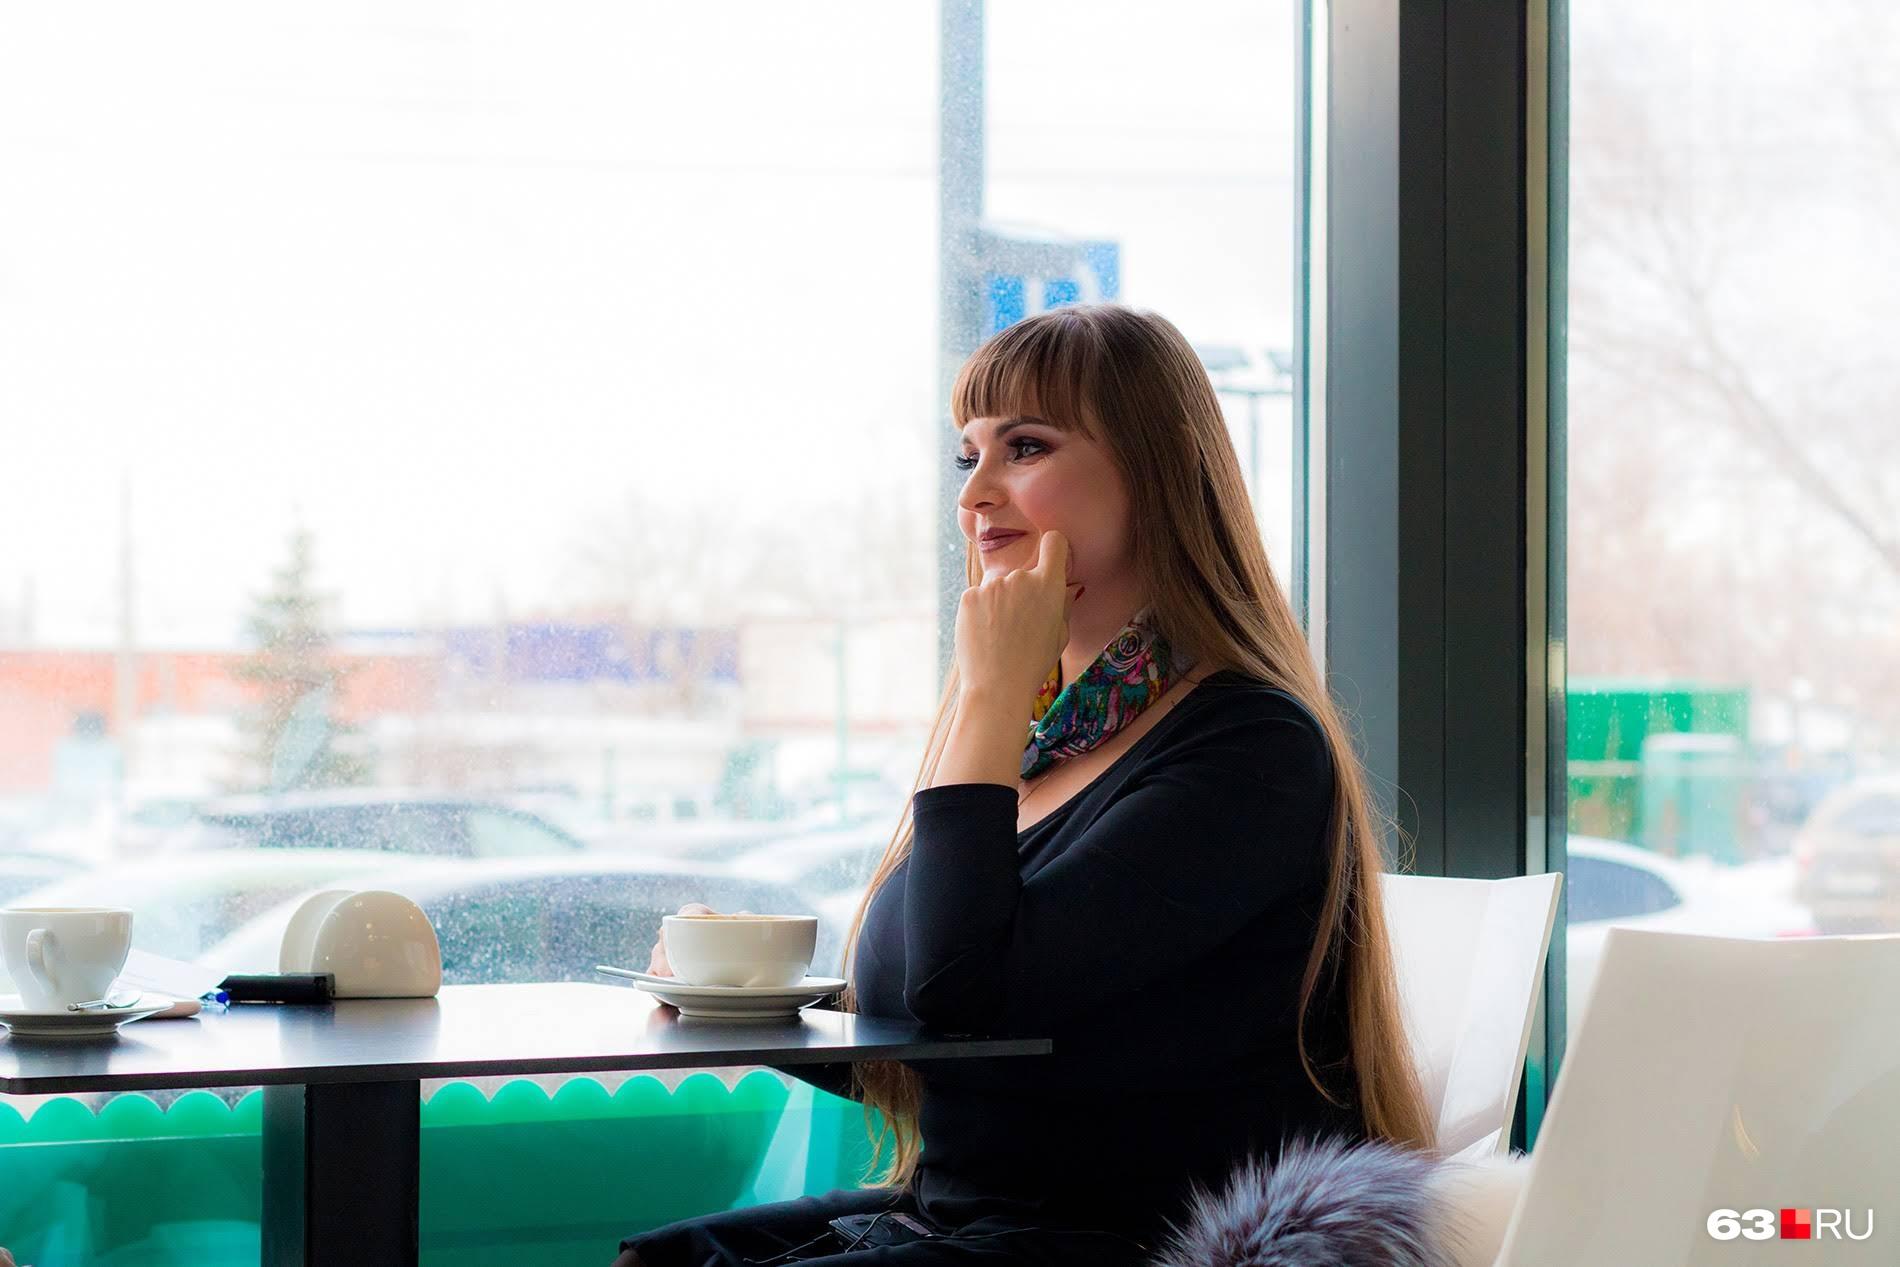 Елена Галкина очень женственна — с виду и не скажешь, что выбрала такую сложную профессию